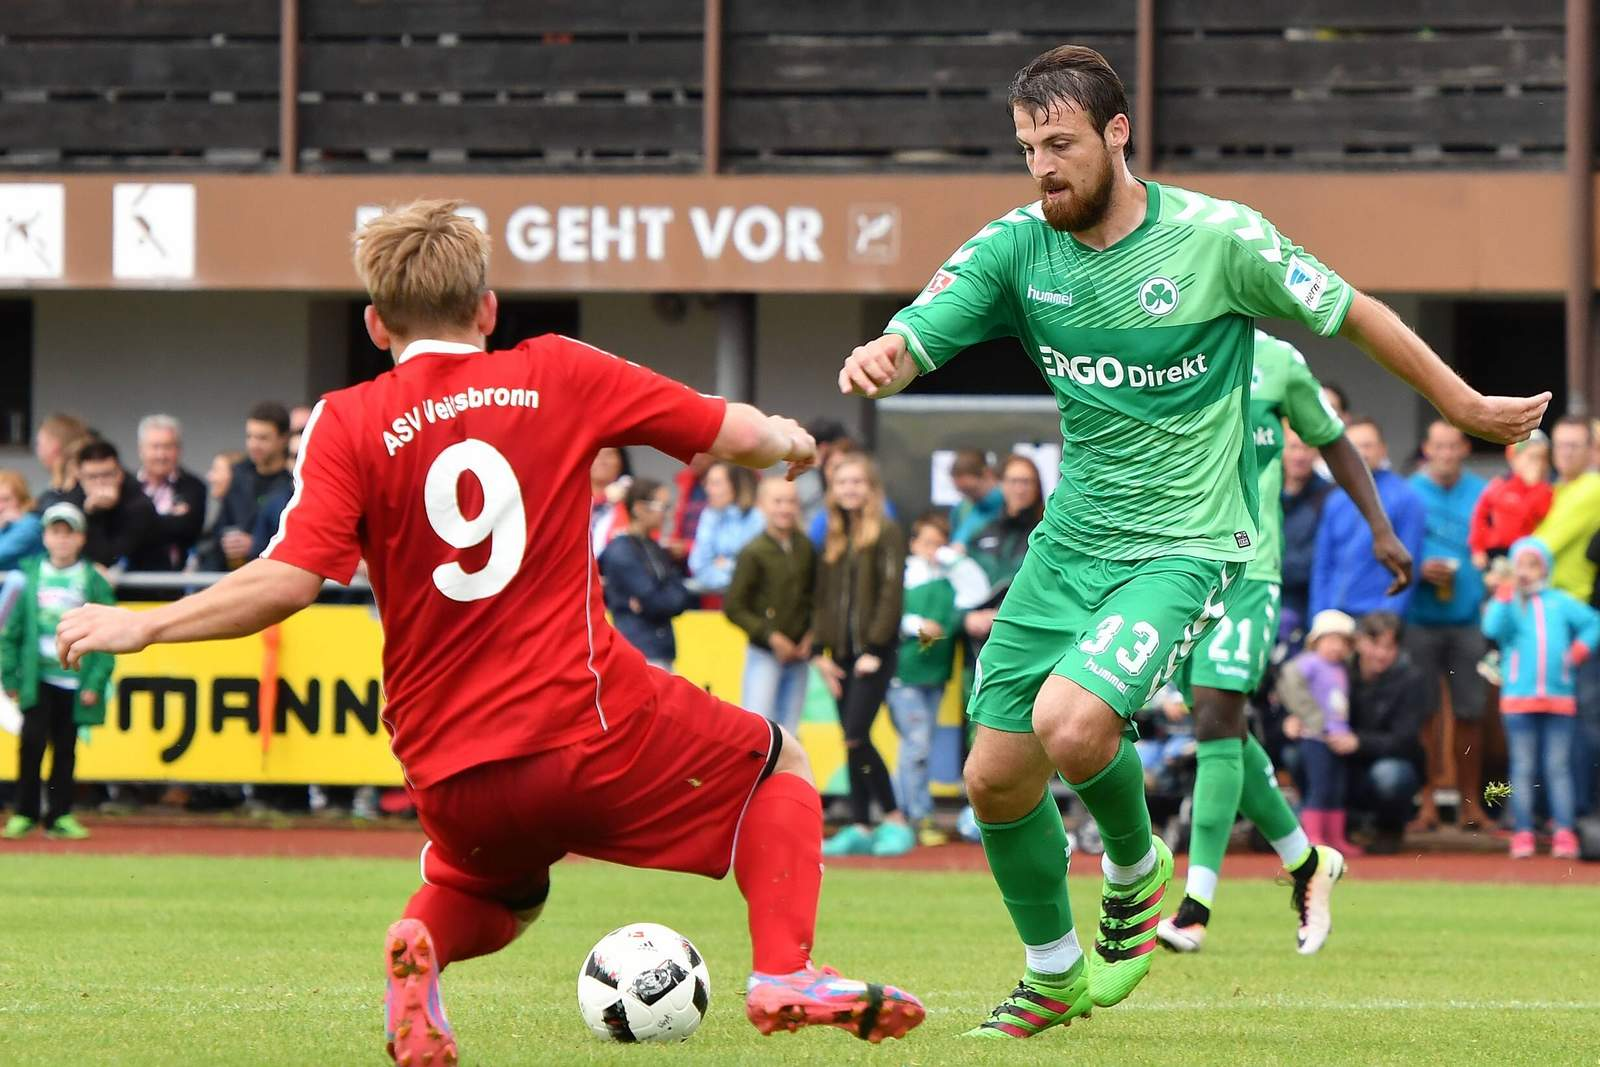 Ilir Azemi von der SpVgg Greuther Fürth